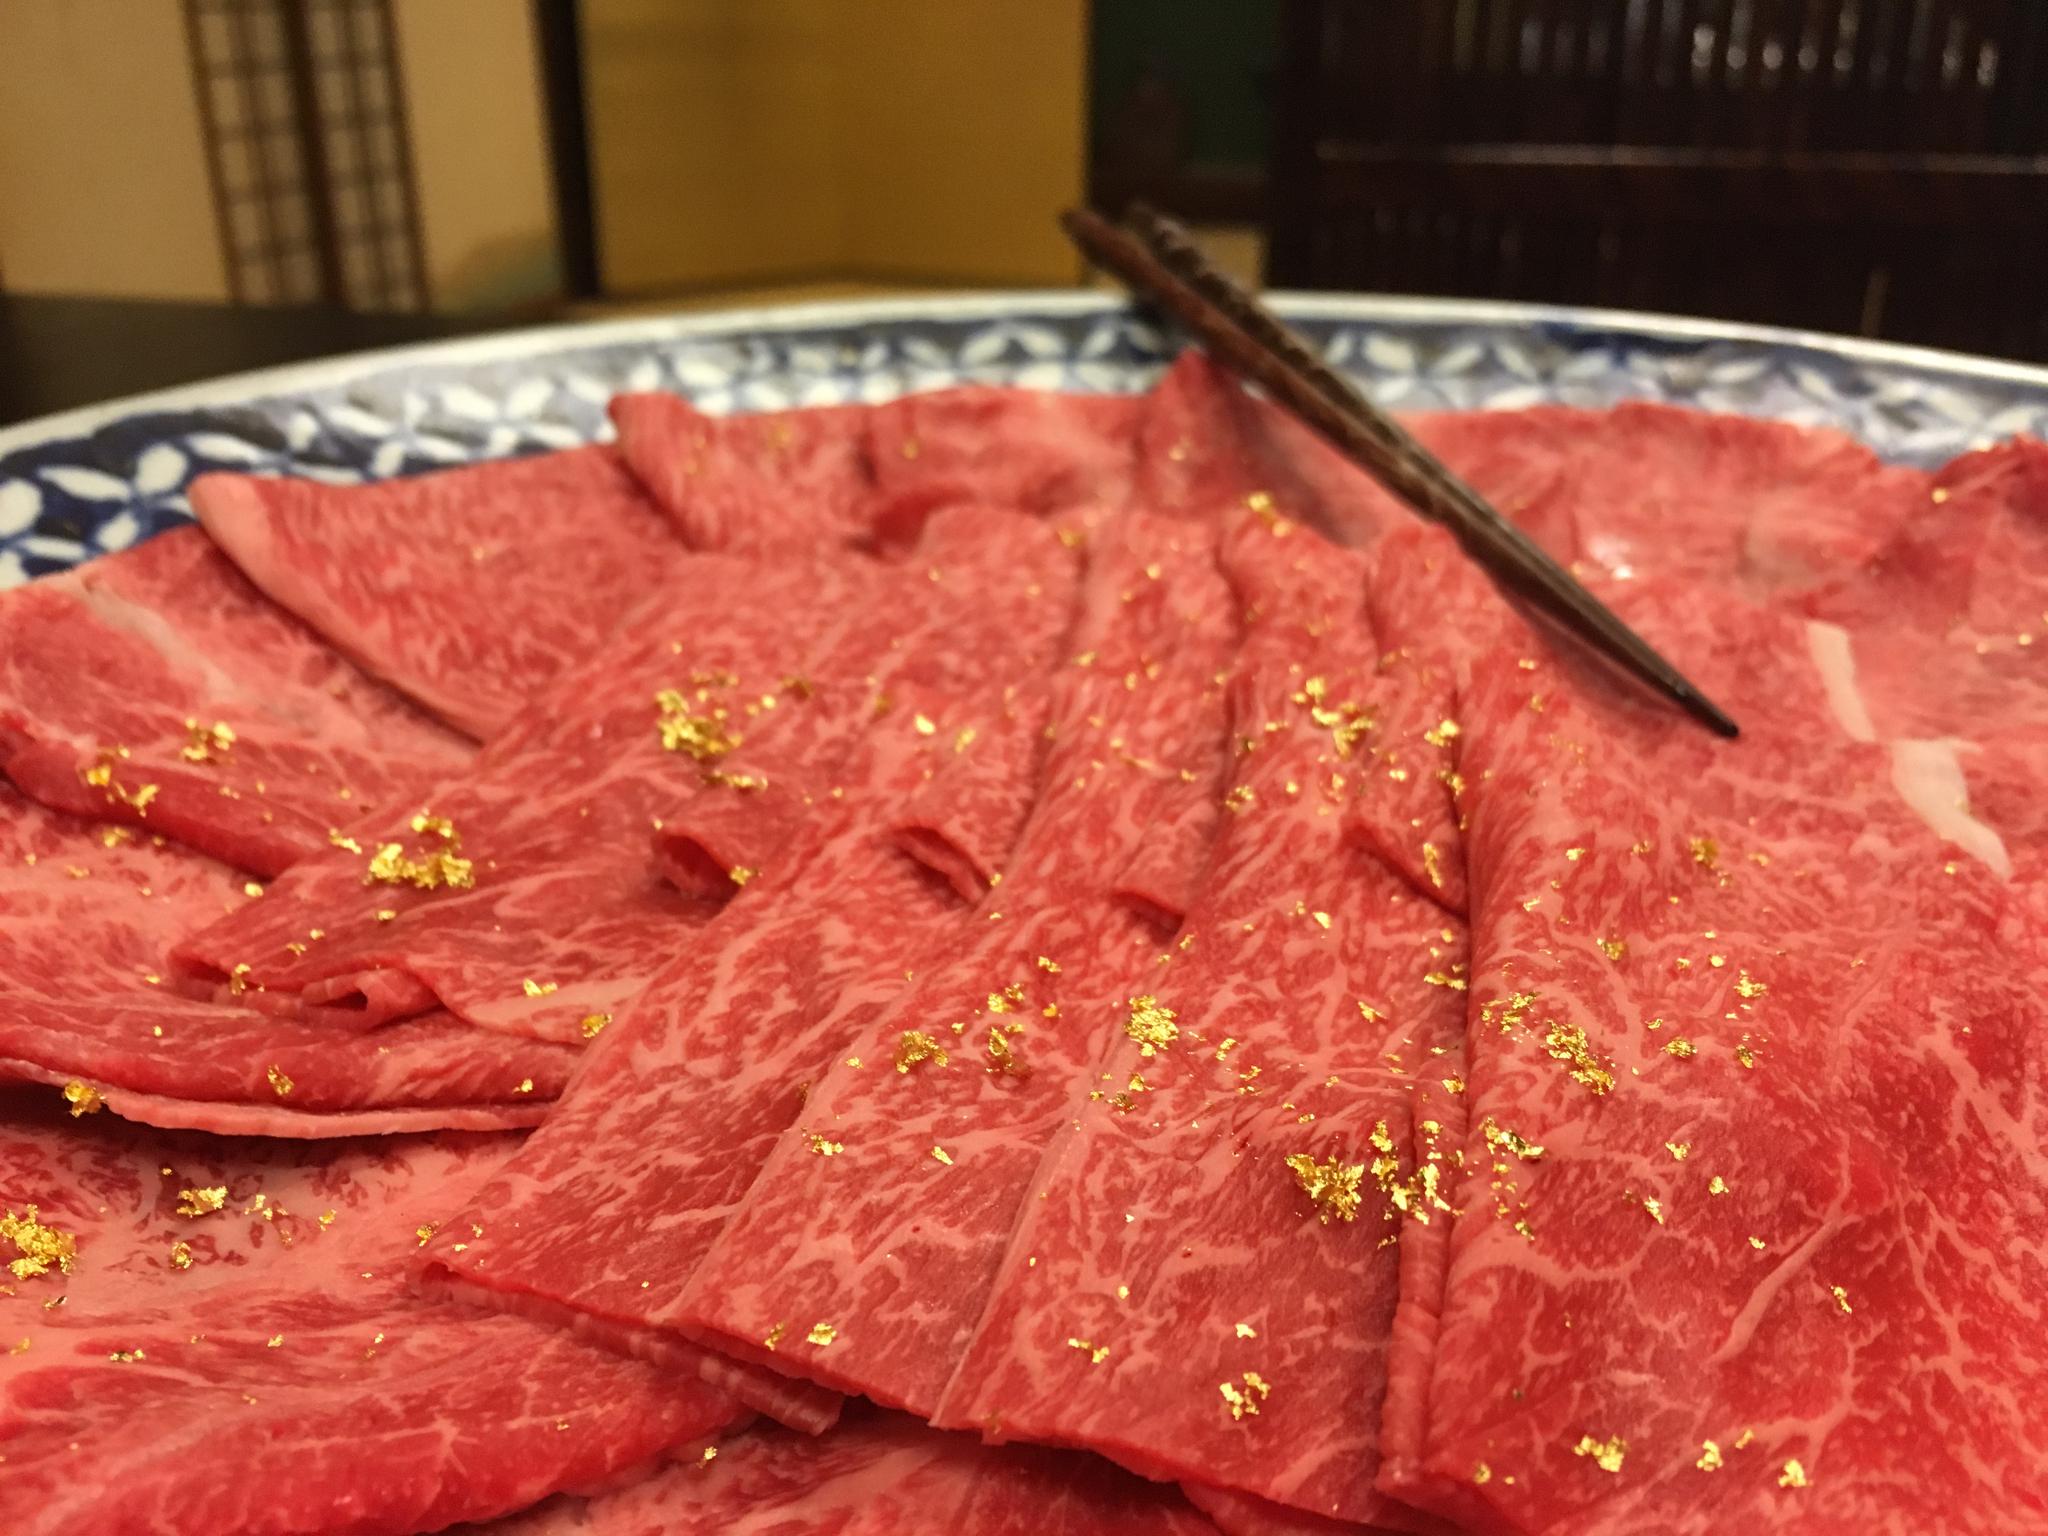 Yes, that's gold leaf on our hida beef for shabu shabu